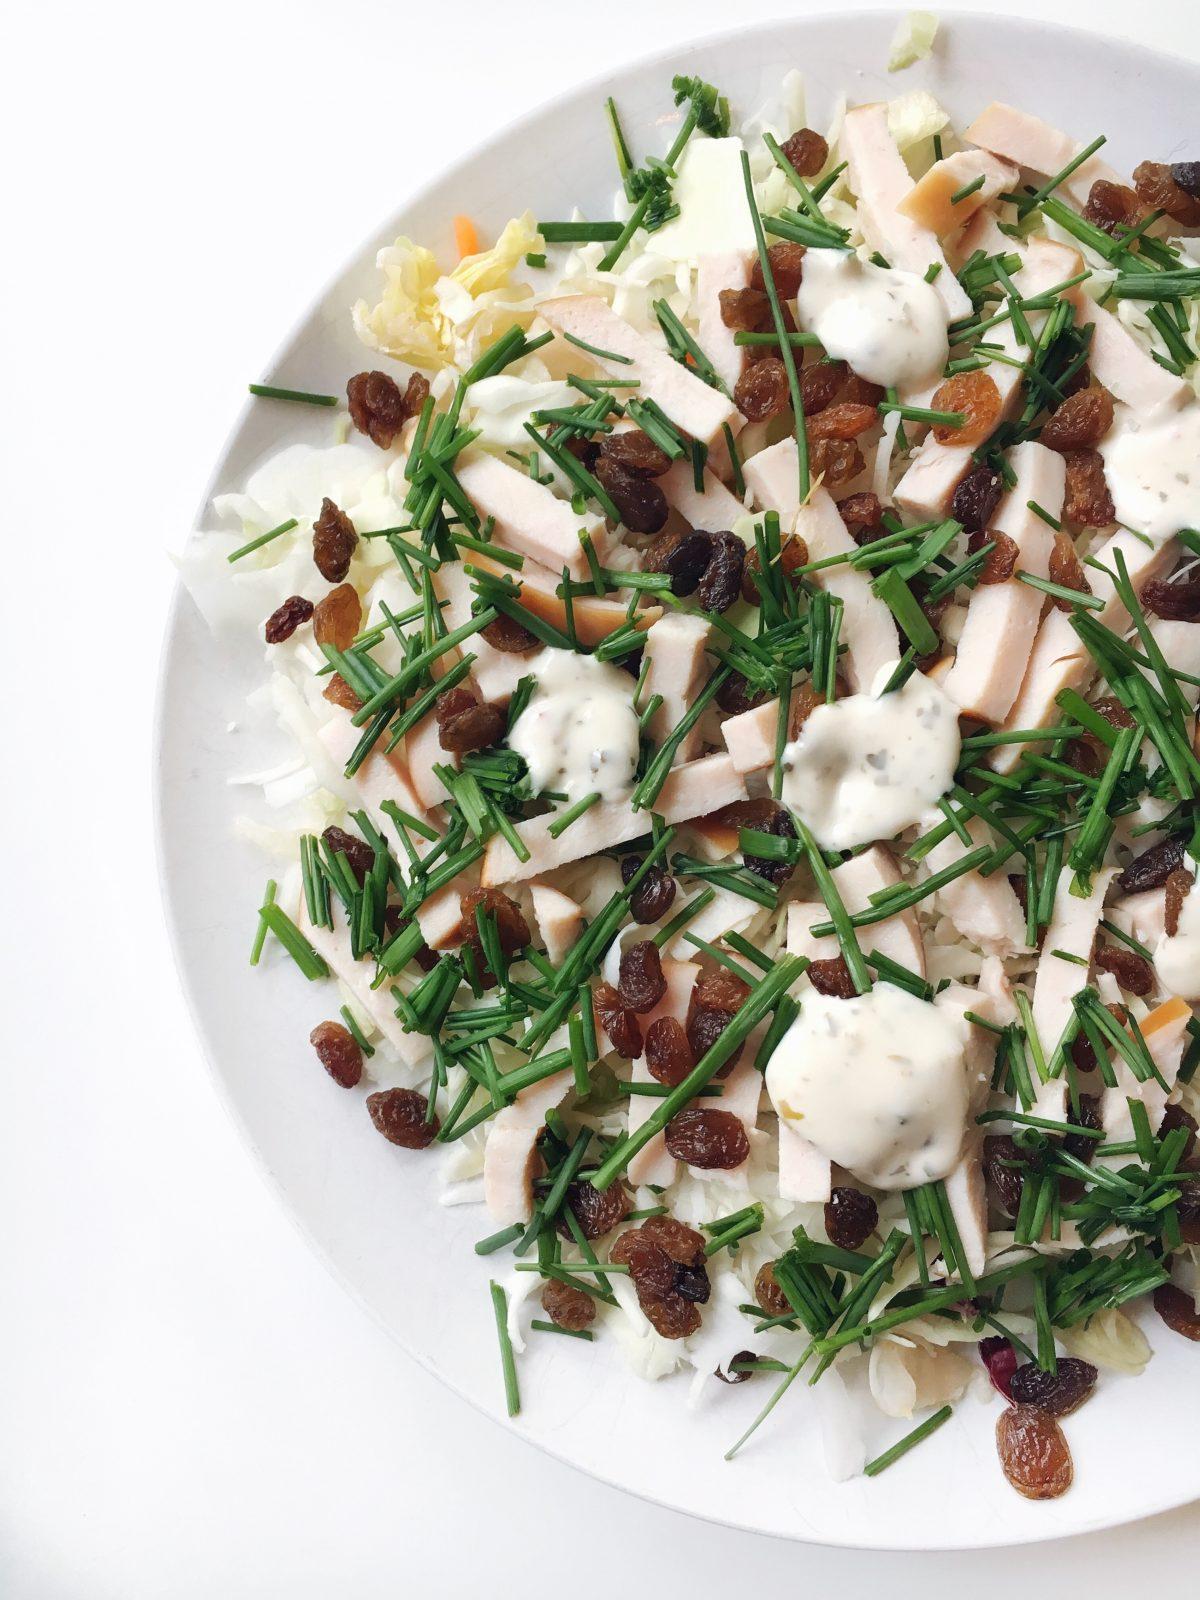 Recept: Maaltijd salade met gerookte kip en rozijnen